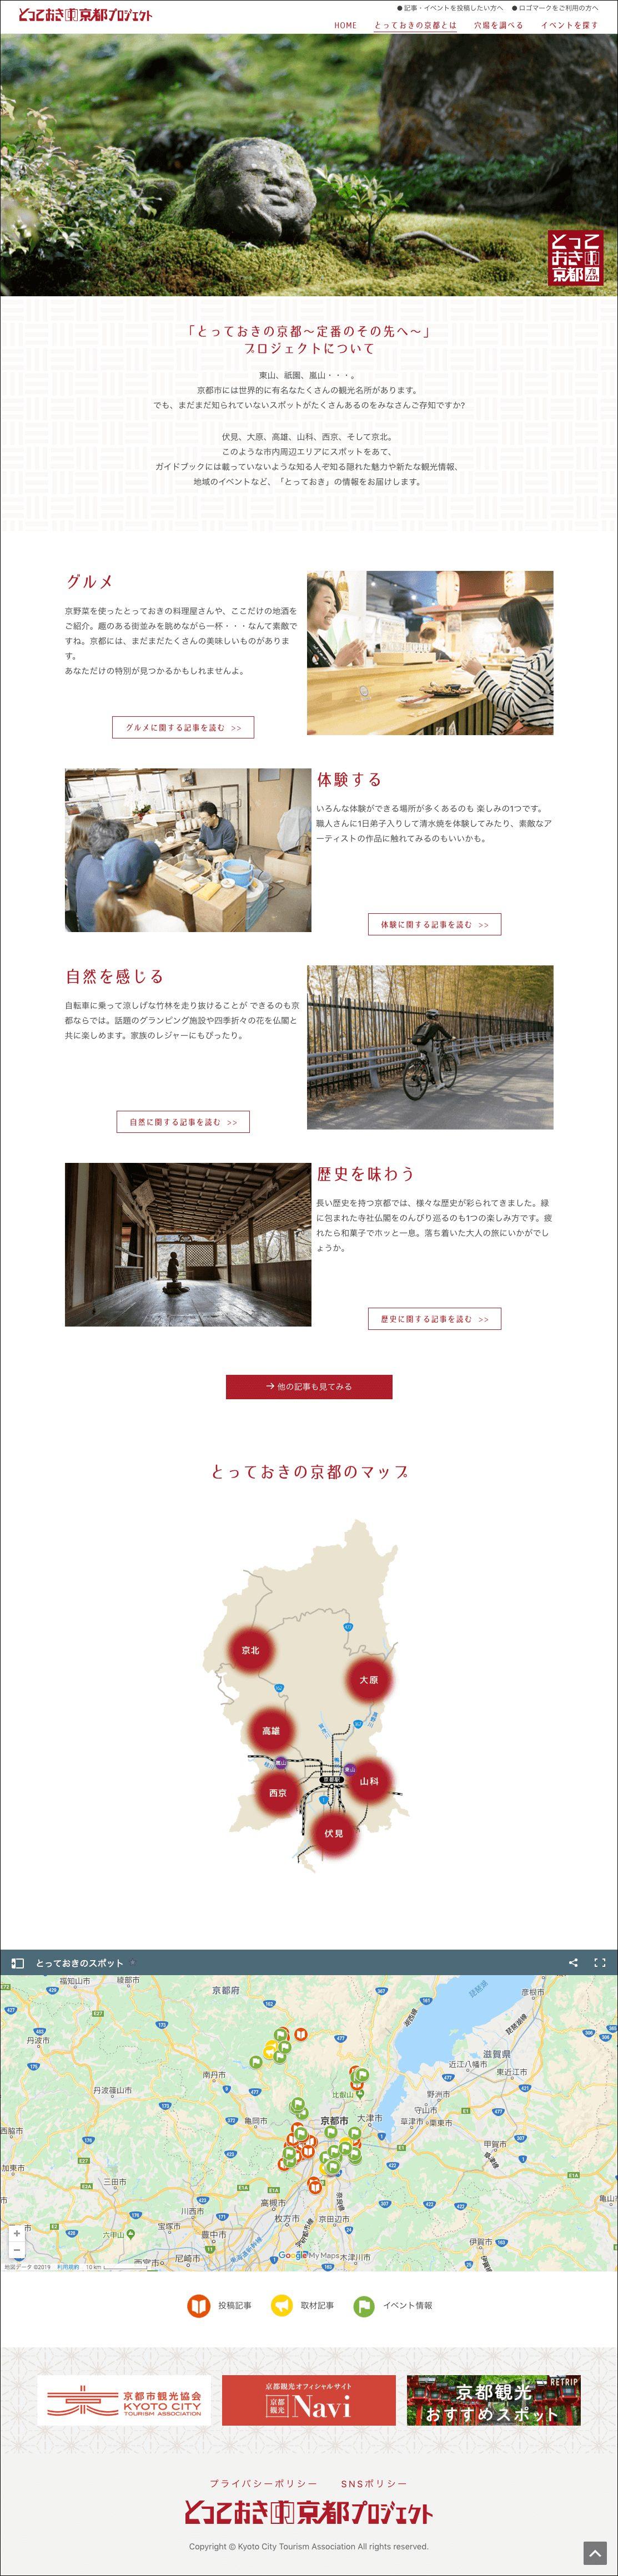 とっておきの京都プロジェクトについて